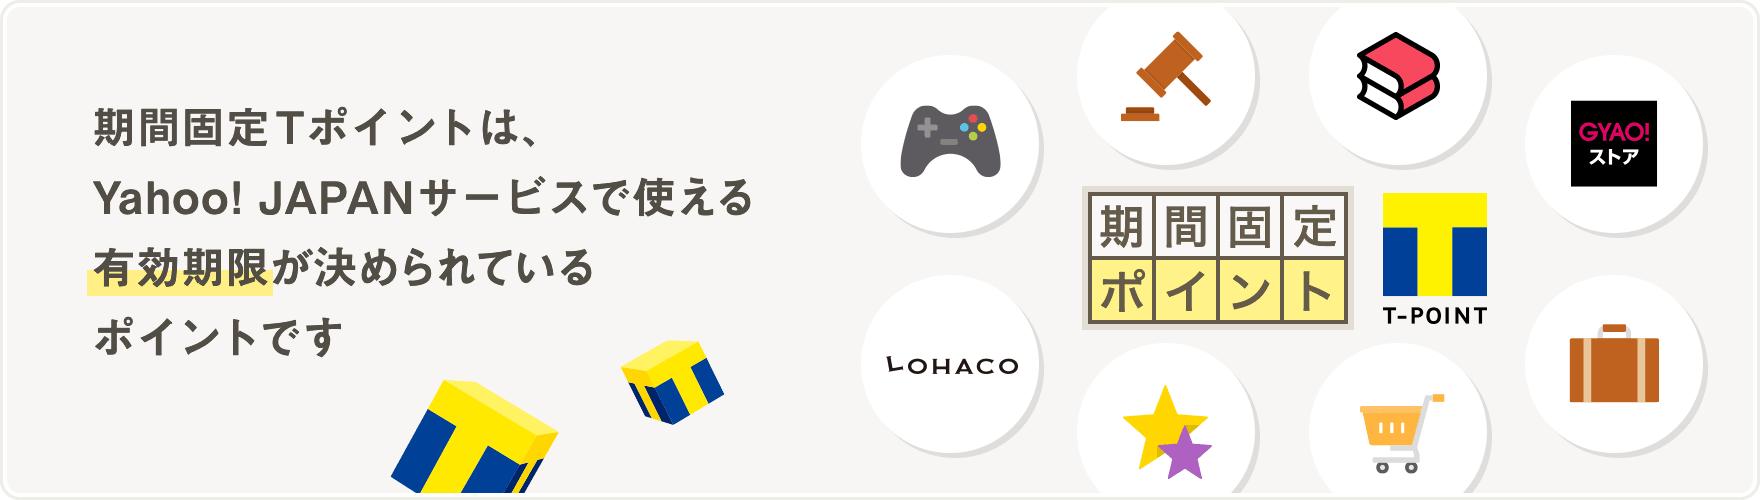 期間固定Tポイントは、Yahoo! JAPANサービスで使える有効期限が決められているサービスです